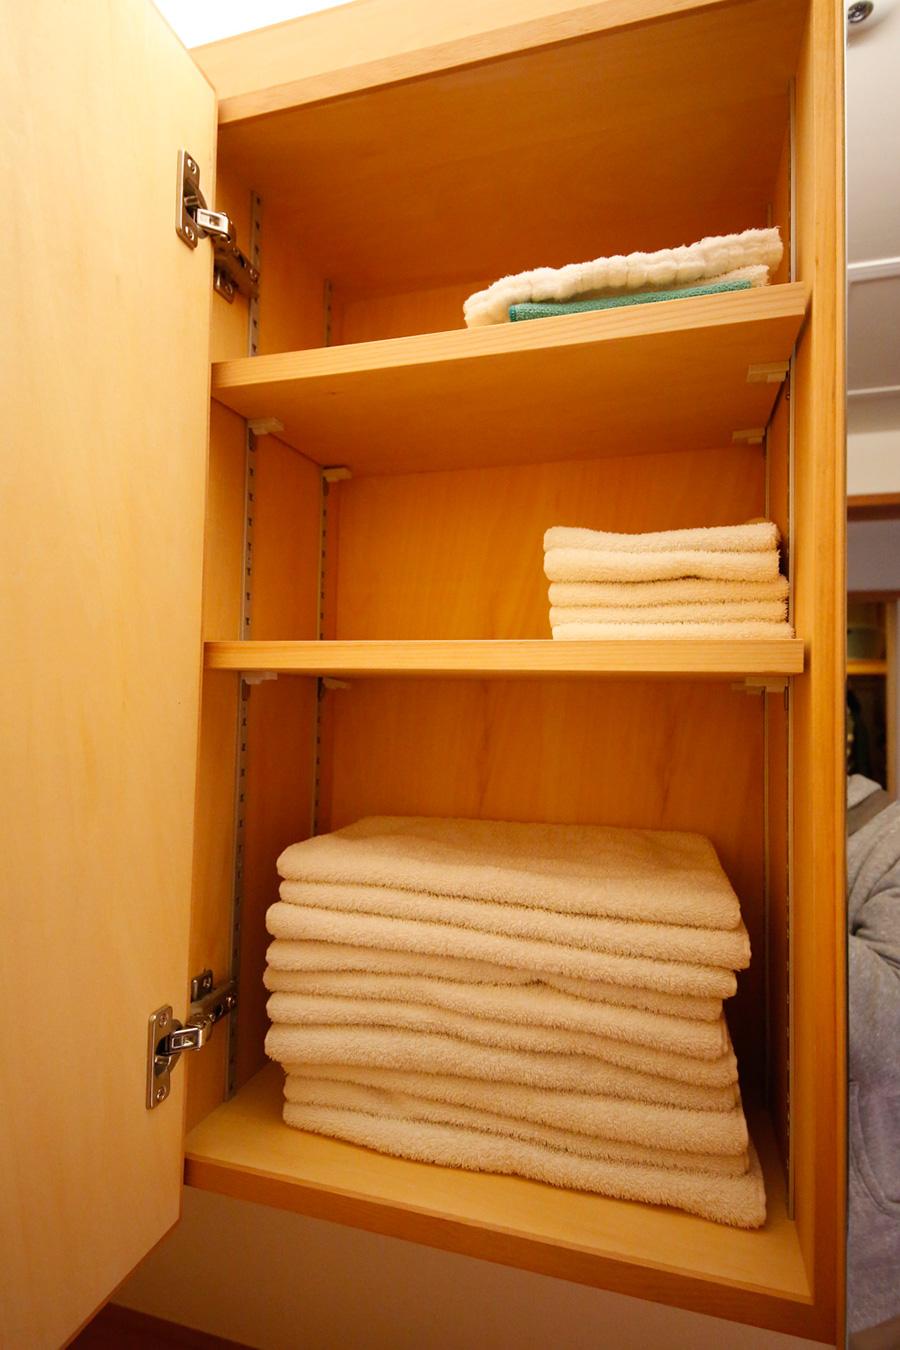 森山家のバスまわりのタオル類はこれだけ。毎年必ずお正月に、新しいものに取り替えるのが習わし。